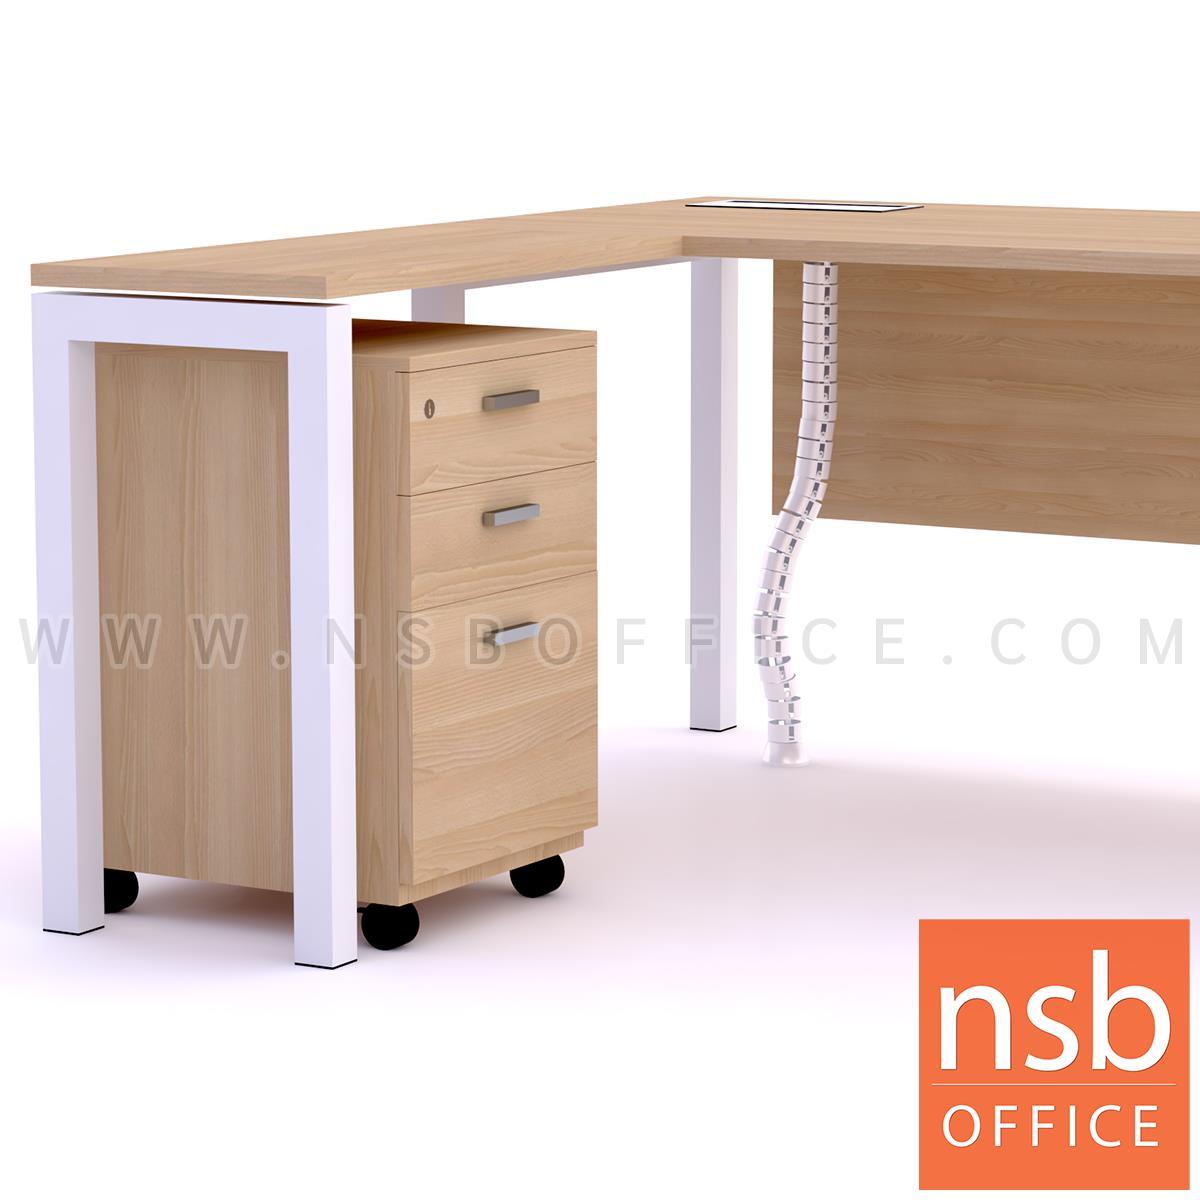 โต๊ะผู้บริหารตัวแอล ตู้ข้างล้อเลื่อน รุ่น Max steel (แม็กซ์สตีล) ขนาด 180W cm. รางไฟใต้โต๊ะ